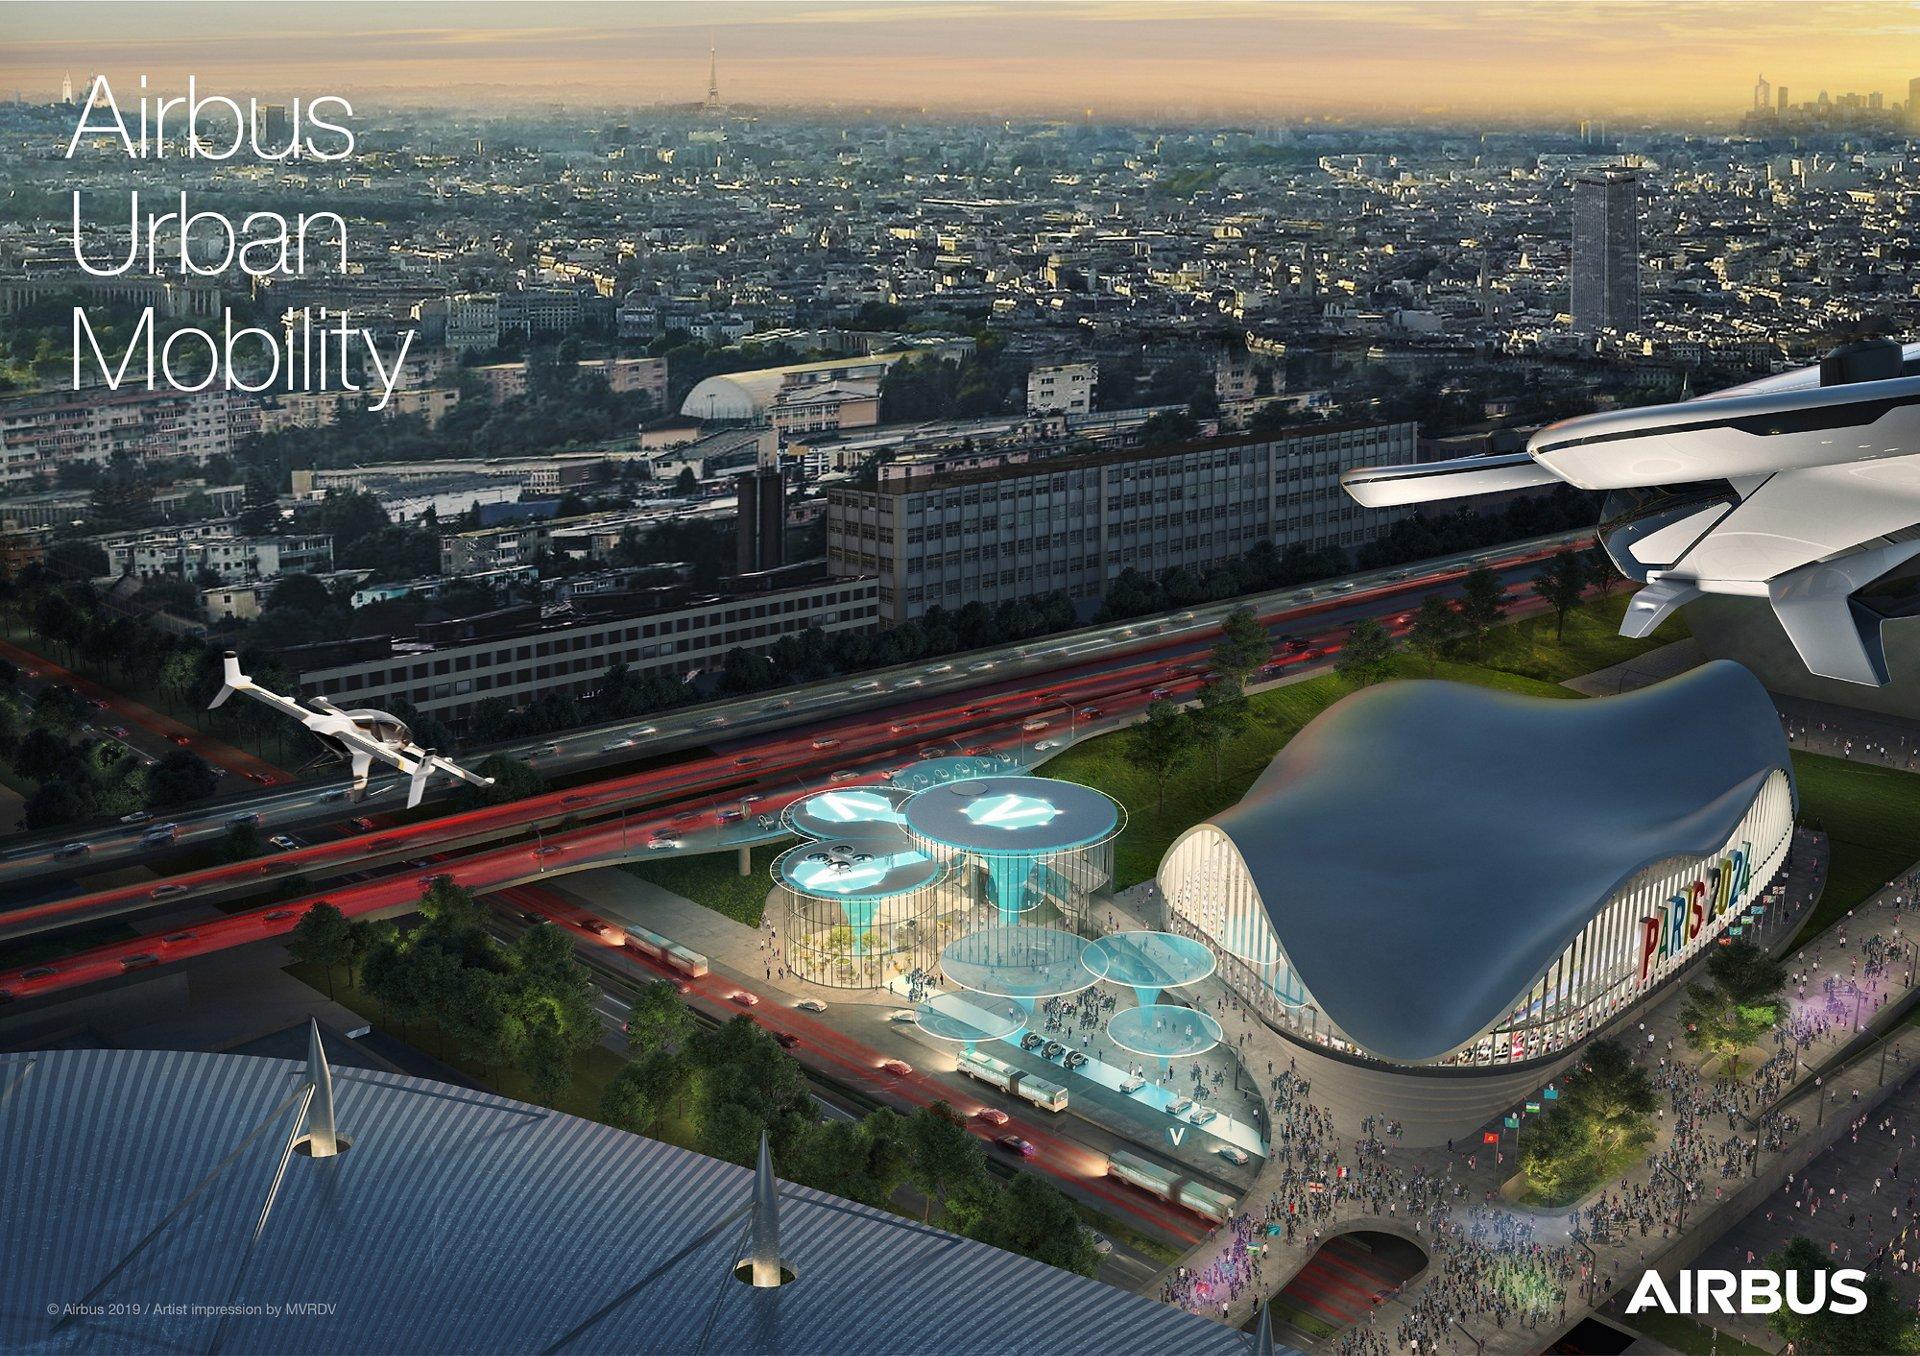 Airbus Urban Air Mobility -  Paris Vision